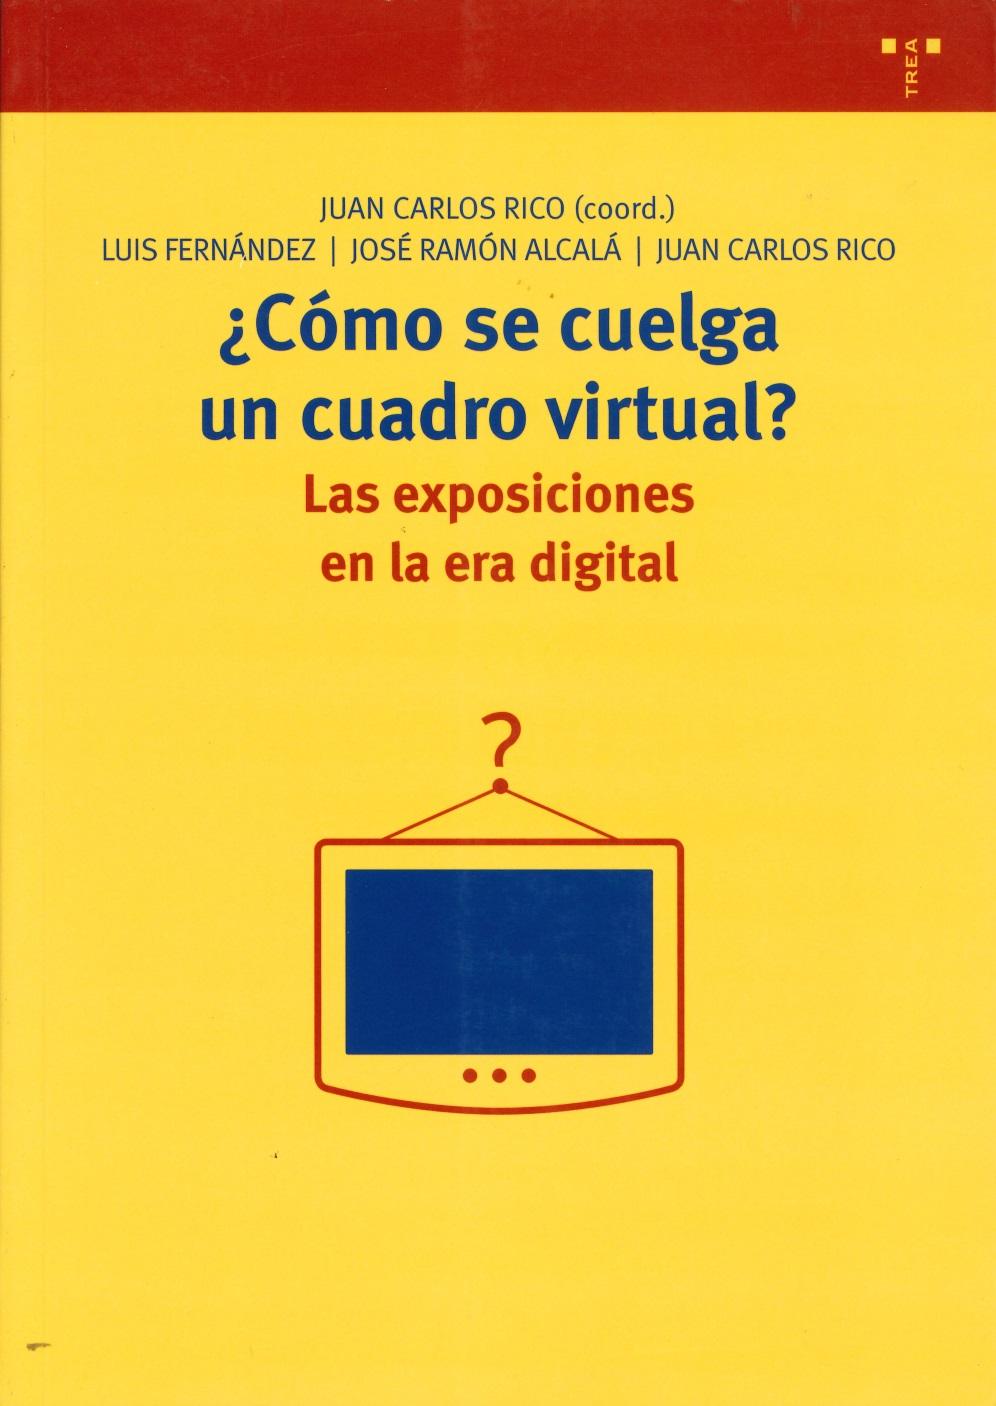 como_se_cuelga_un_cuadro_virtual.jpg